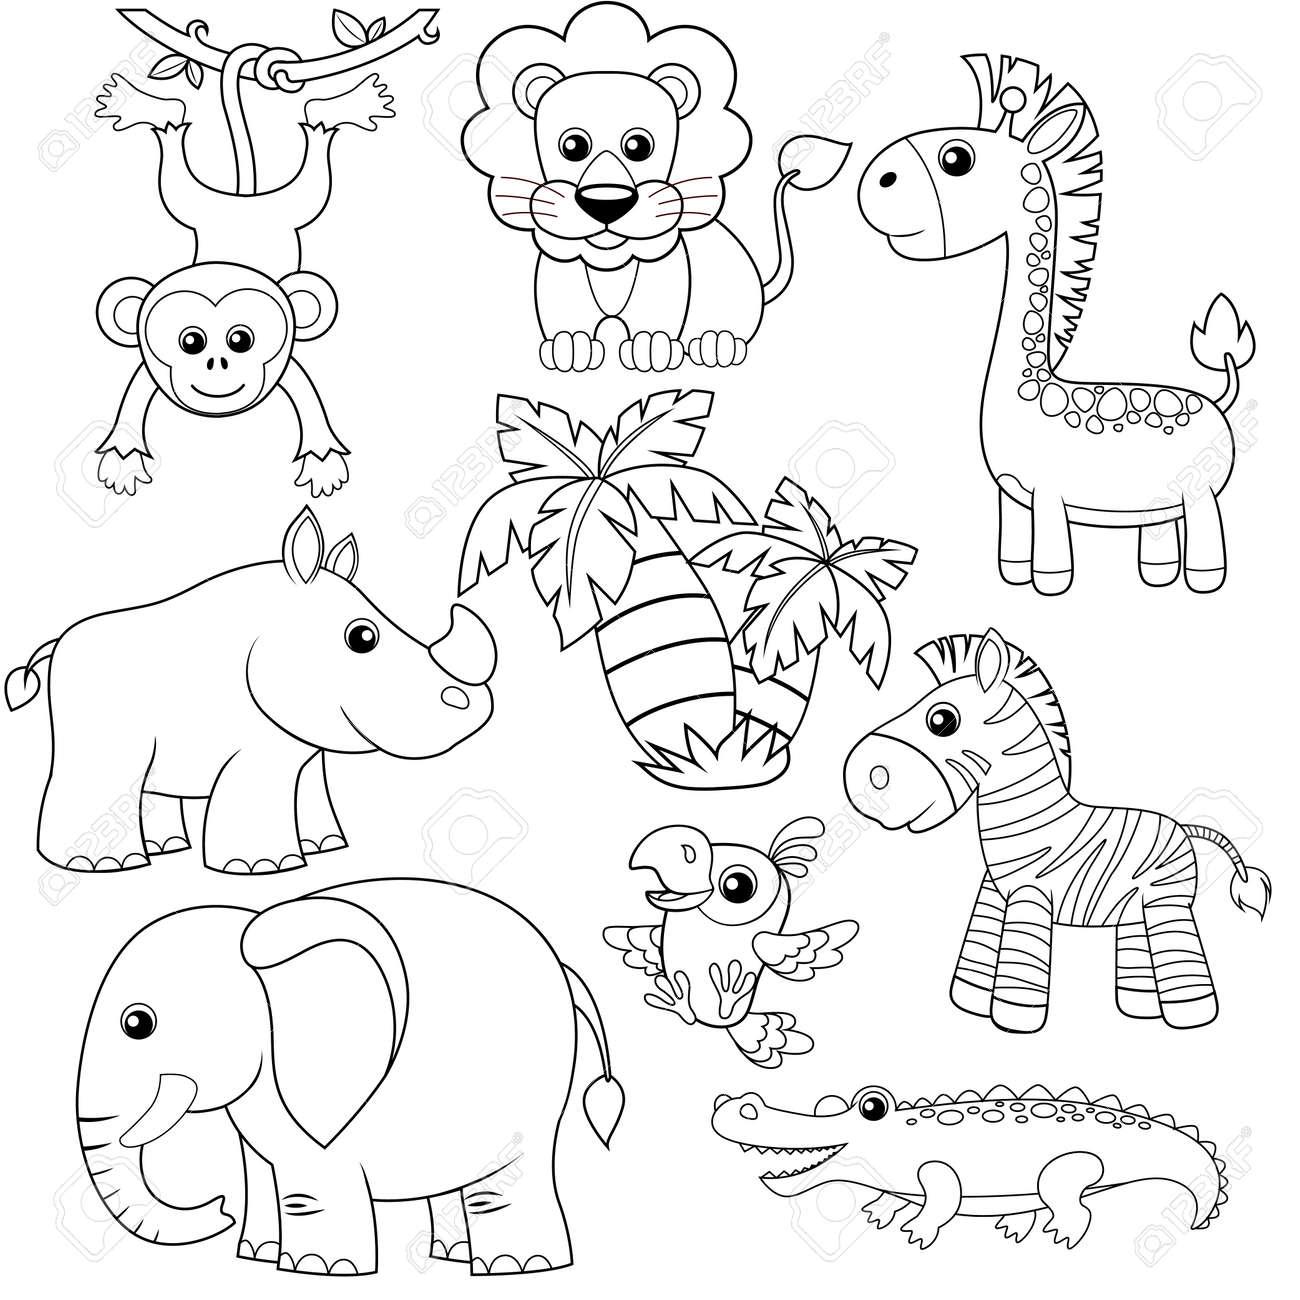 Animaux De La Jungle Lion Elephant Girafe Singe Perroquet Crocodile Zebre Et Rhinoceros Illustration Vectorielle En Noir Et Blanc Pour Le Livre A Colorier Clip Art Libres De Droits Vecteurs Et